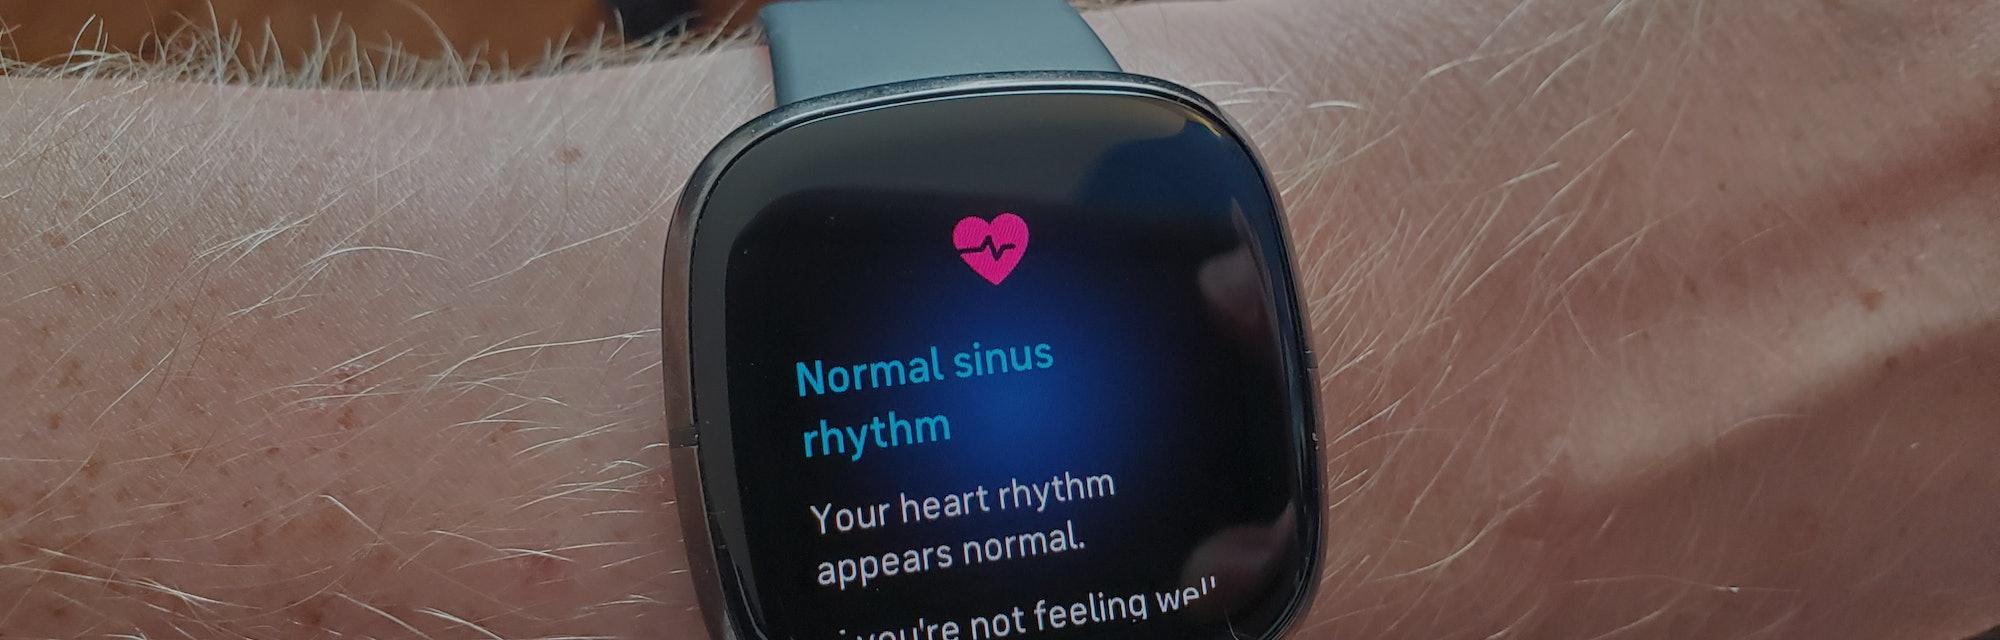 Fitbit Versa smartwatch.